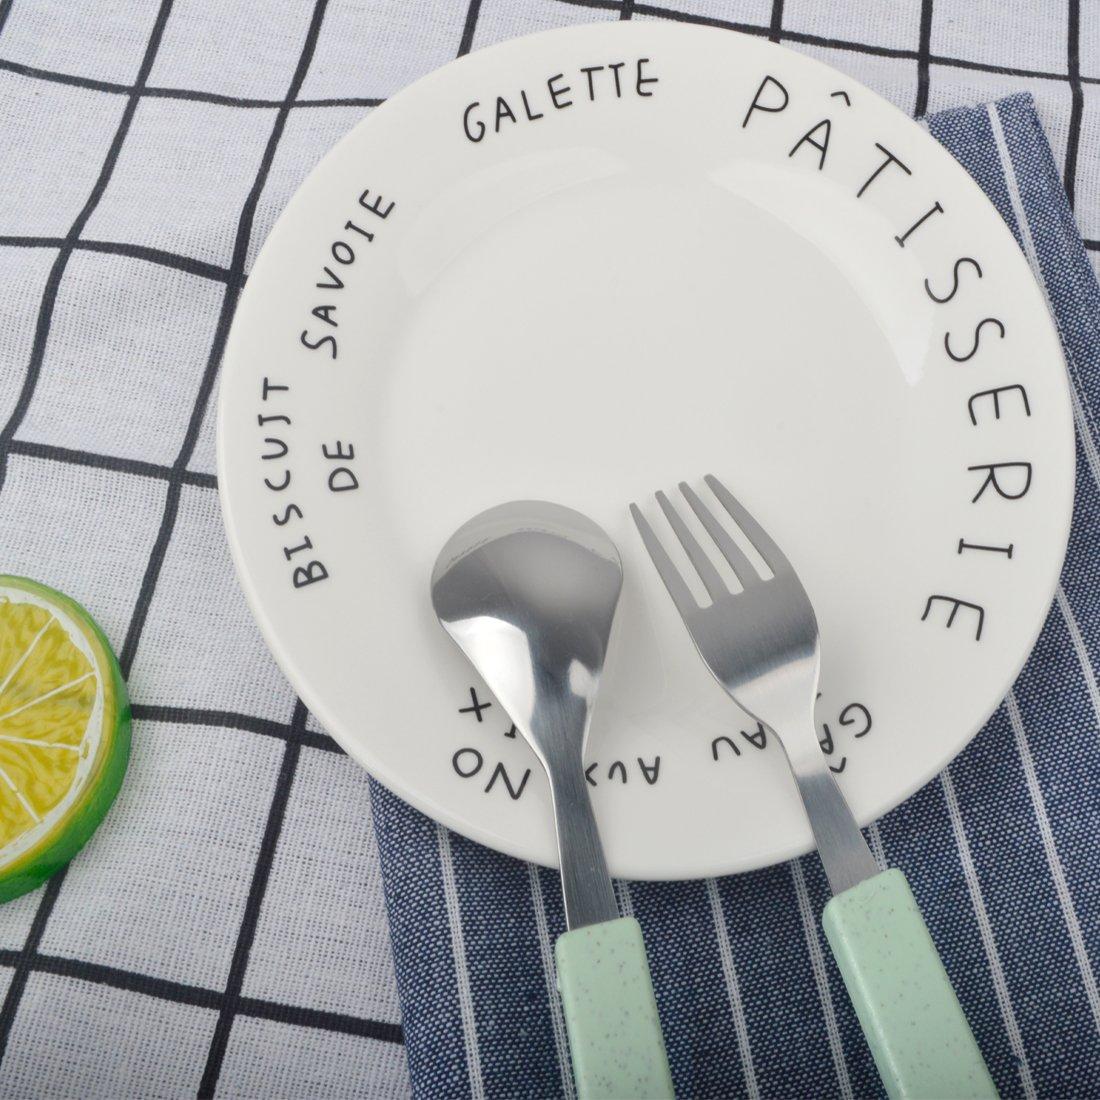 公式の店舗 18/ 10ステンレススチール子テーブルウェアセットシルバーカトラリーセット銀食器ディナー食器スプーンフォークセットwith Travel Case for Kids for Toddlers/ Travel グリーン グリーン B075GJQP76, mirco-shop:d8465e4d --- a0267596.xsph.ru